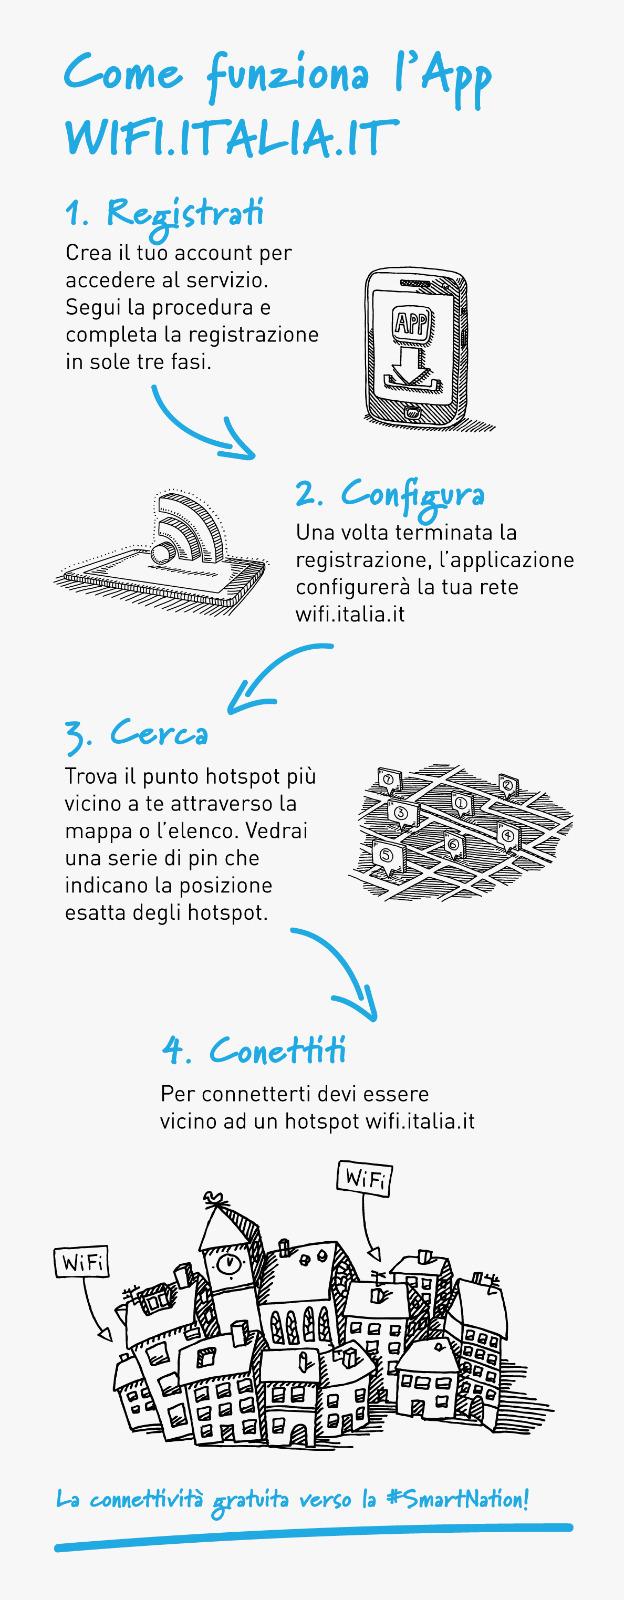 progetto Piazza Wifi Italia Comuni Italiani